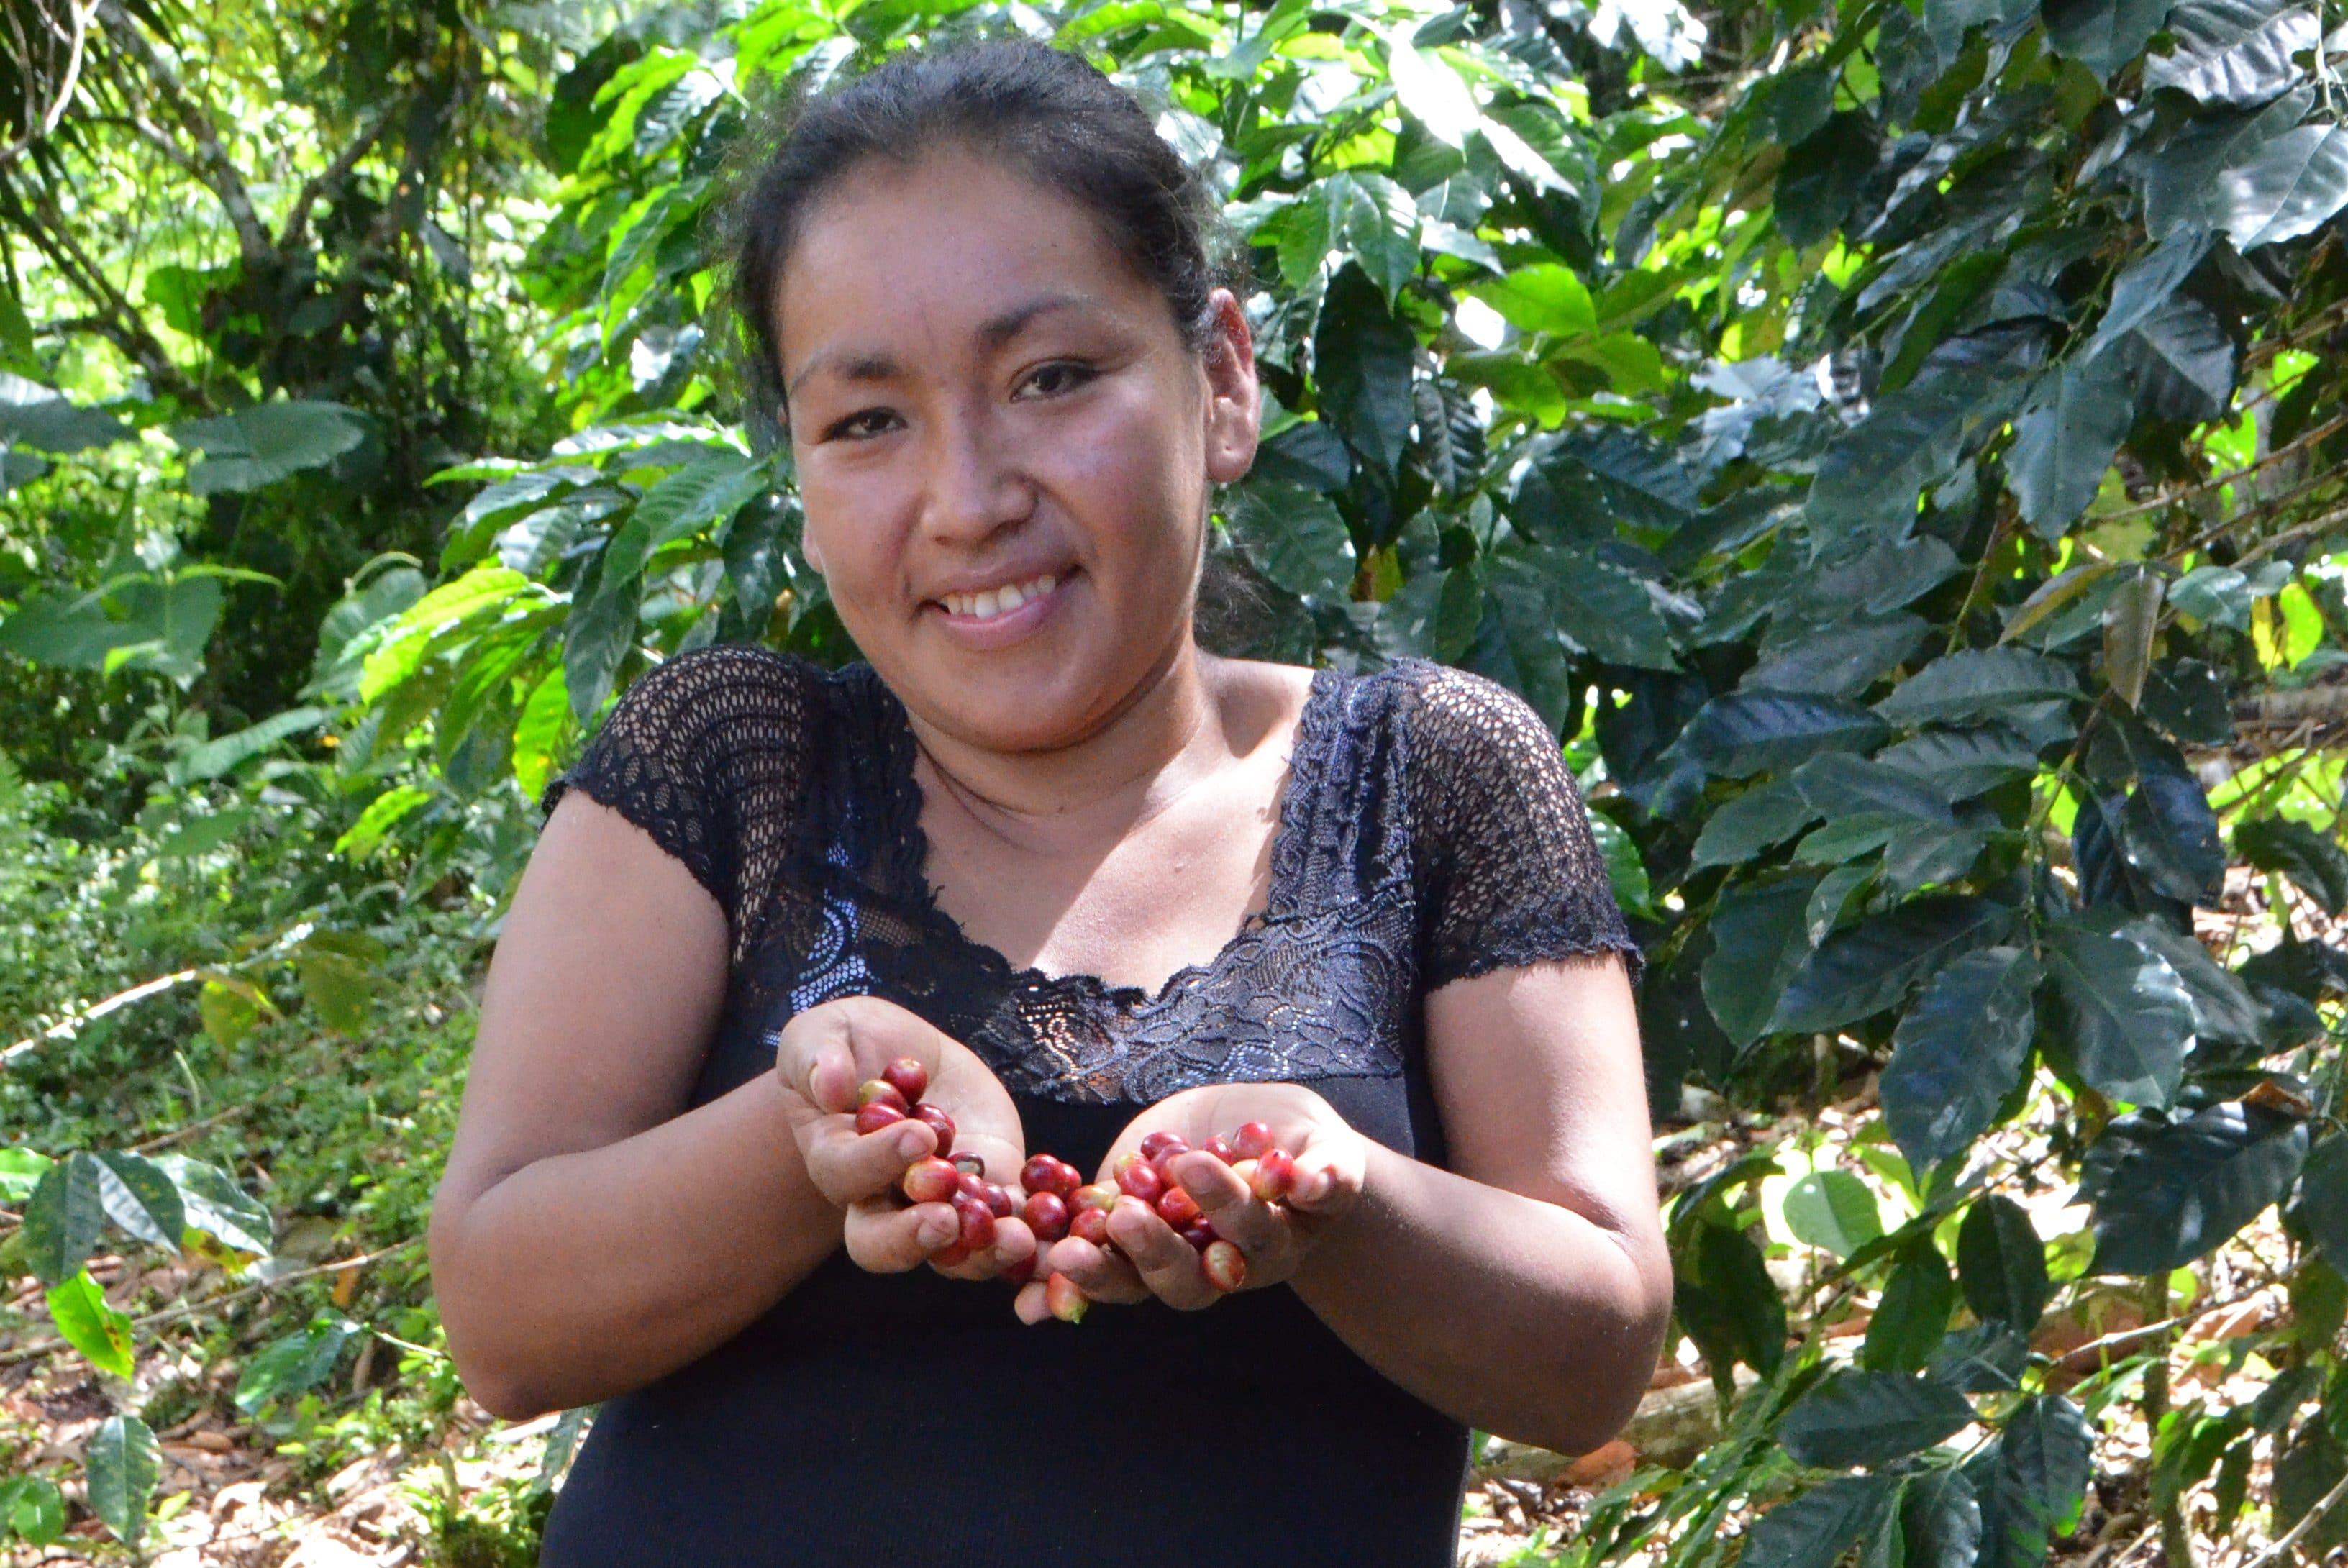 Junge Frau aus Peru zeigt ihre frisch geernteten Kaffeebohnen.